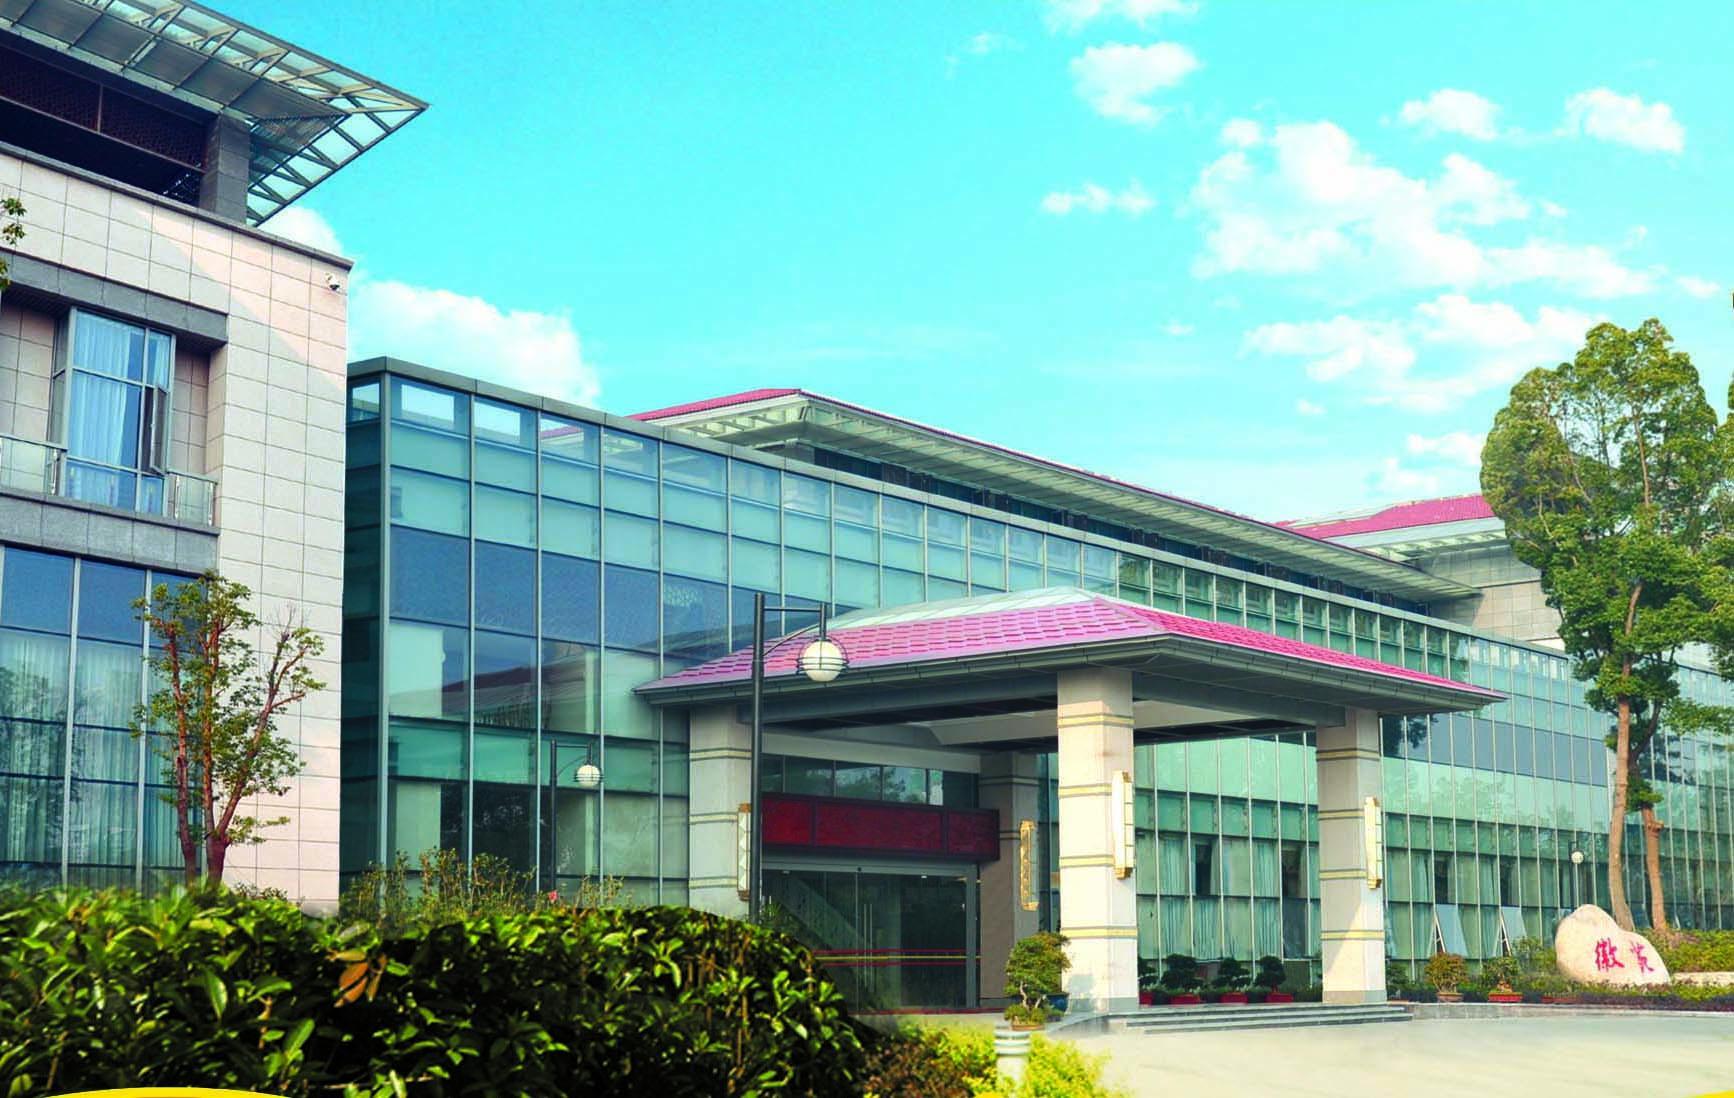 稻香楼宾馆徽苑有可供会见、会议、座谈的会议室5个。其中有容纳110人的会见厅1个,容纳40-50人的小型会议室3个,容纳20人的贵宾厅1个,另外徽苑影剧院可进行小型演出和放映电影。